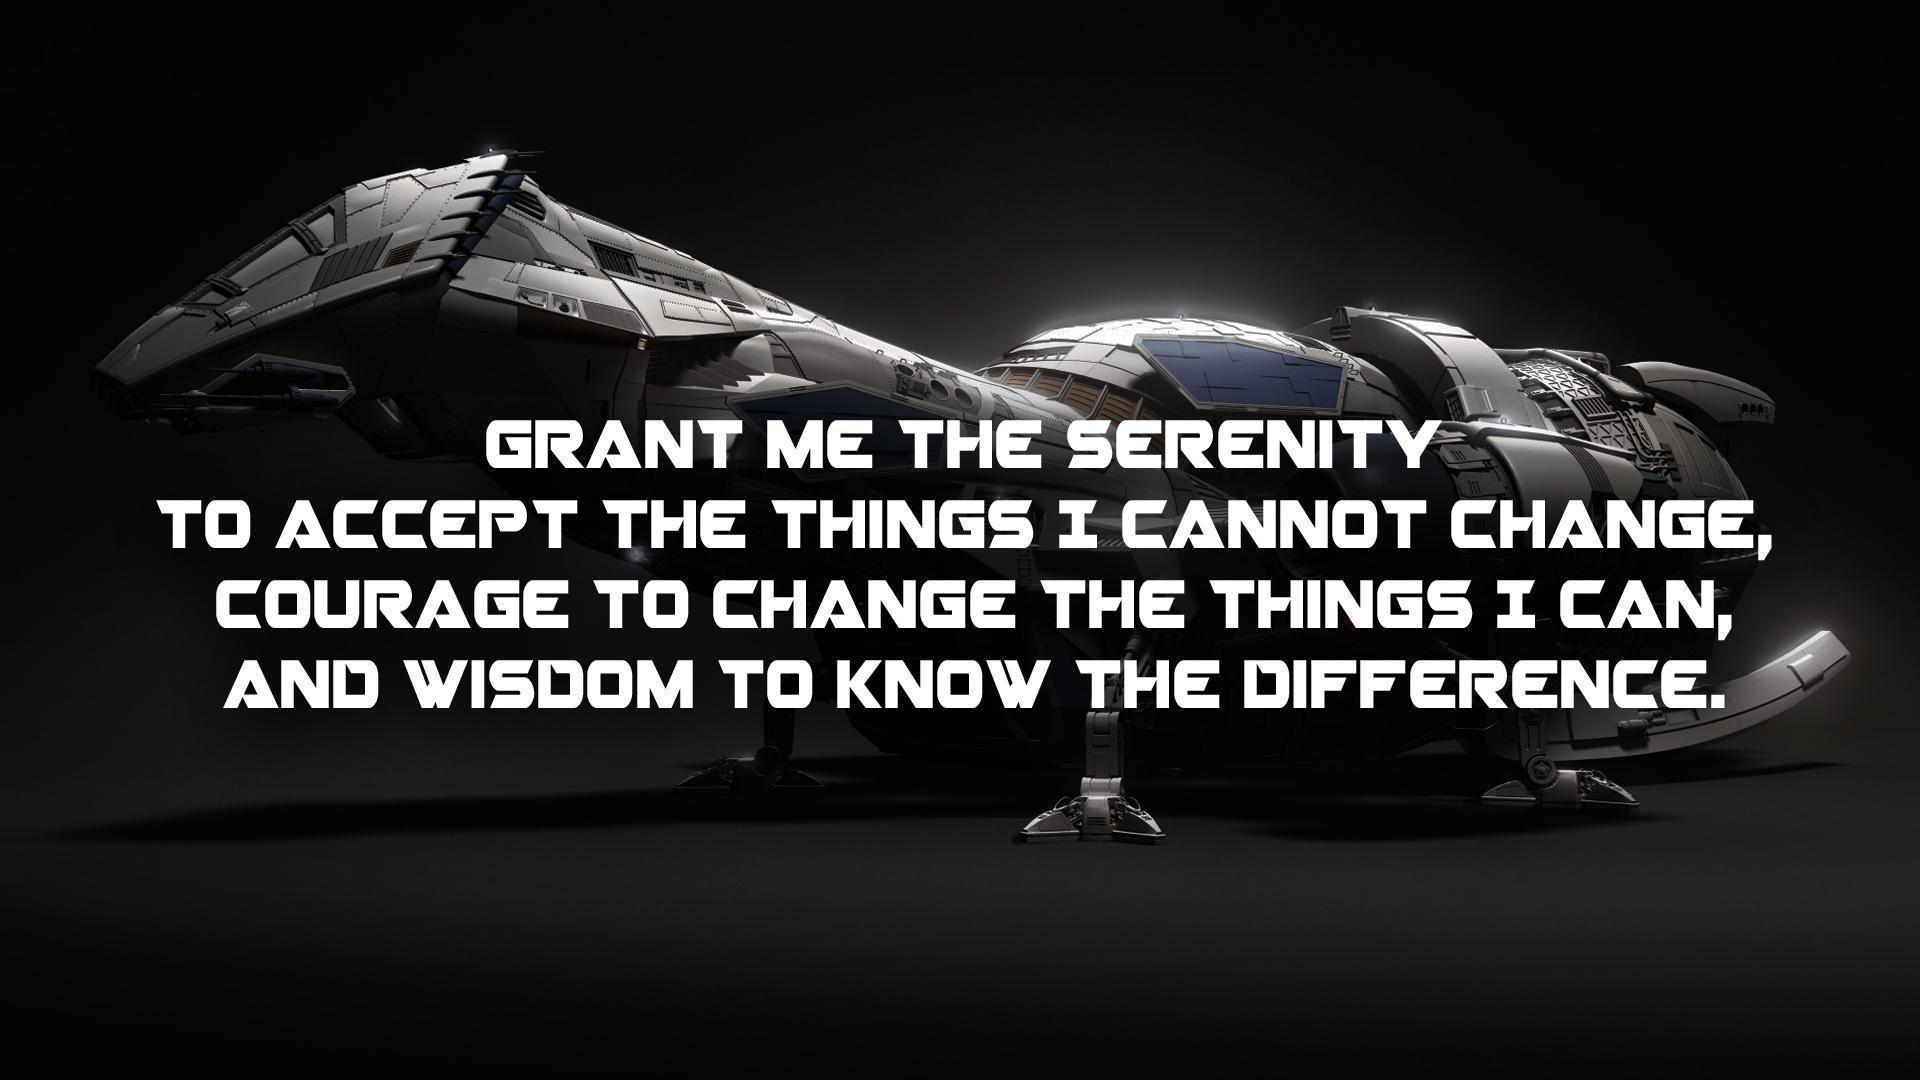 Serenity Prayer Animated Gifs | Photobucket